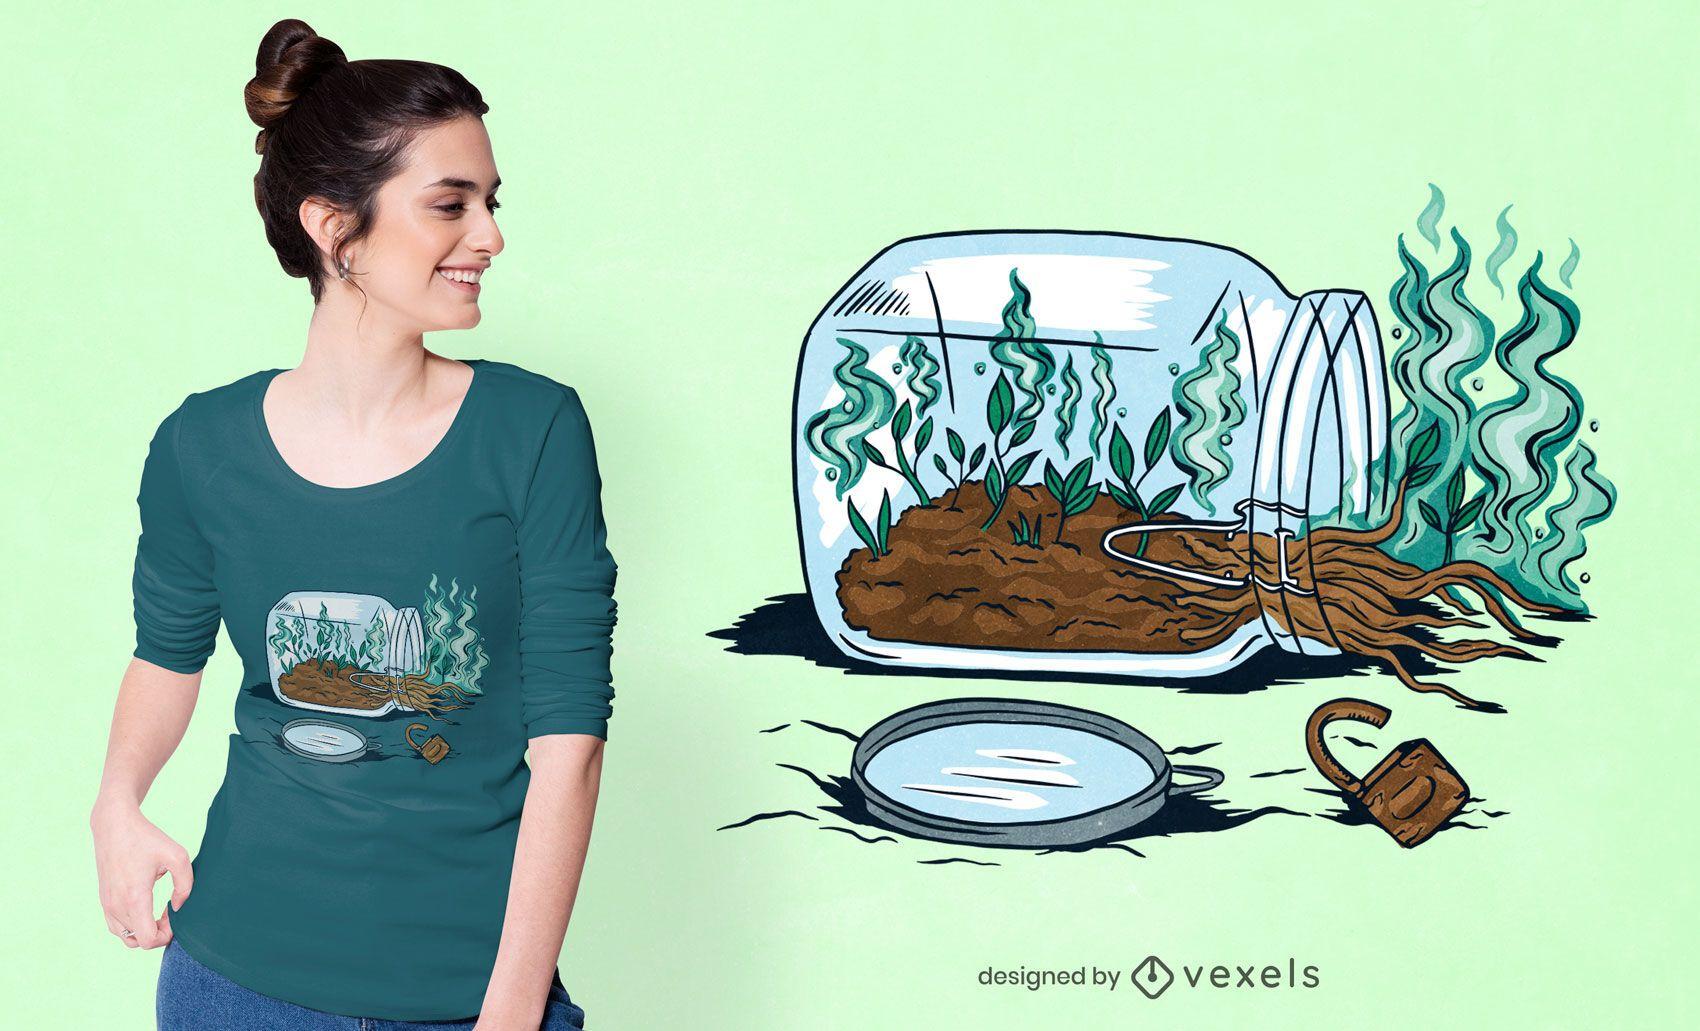 Magic roots t-shirt design